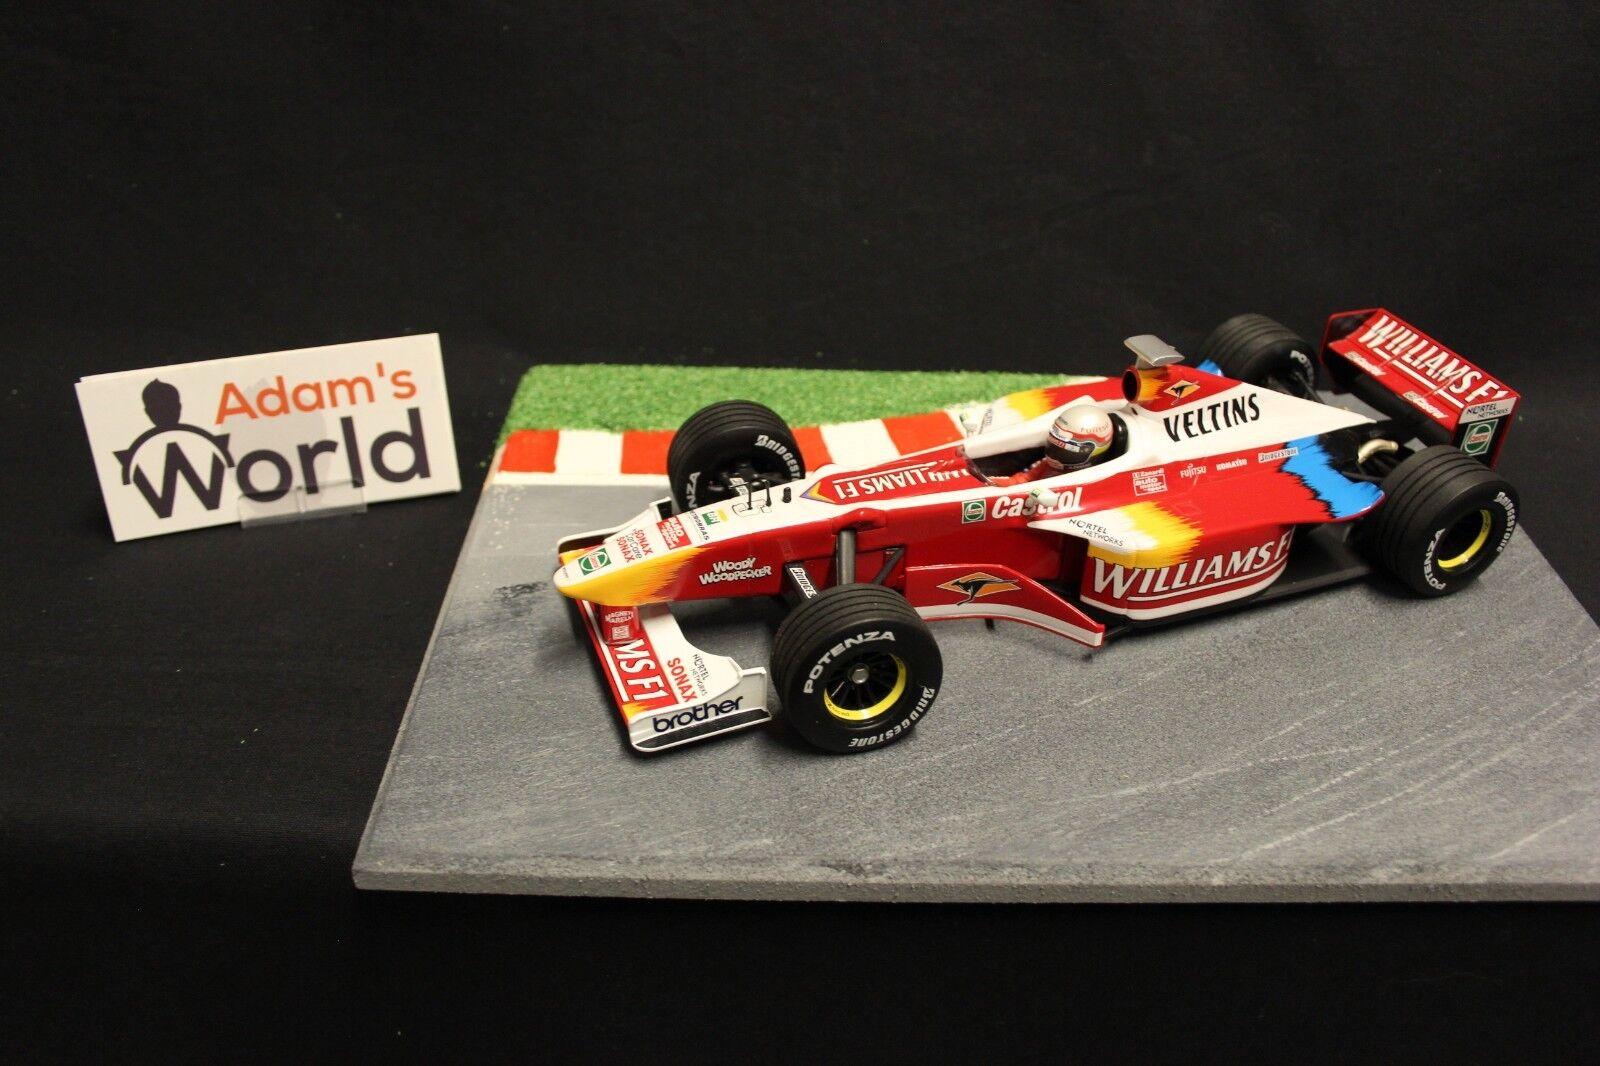 Minichamps Williams Supertec show car 1999 1:18  5 Alex Zanardi  ITA   F1NB